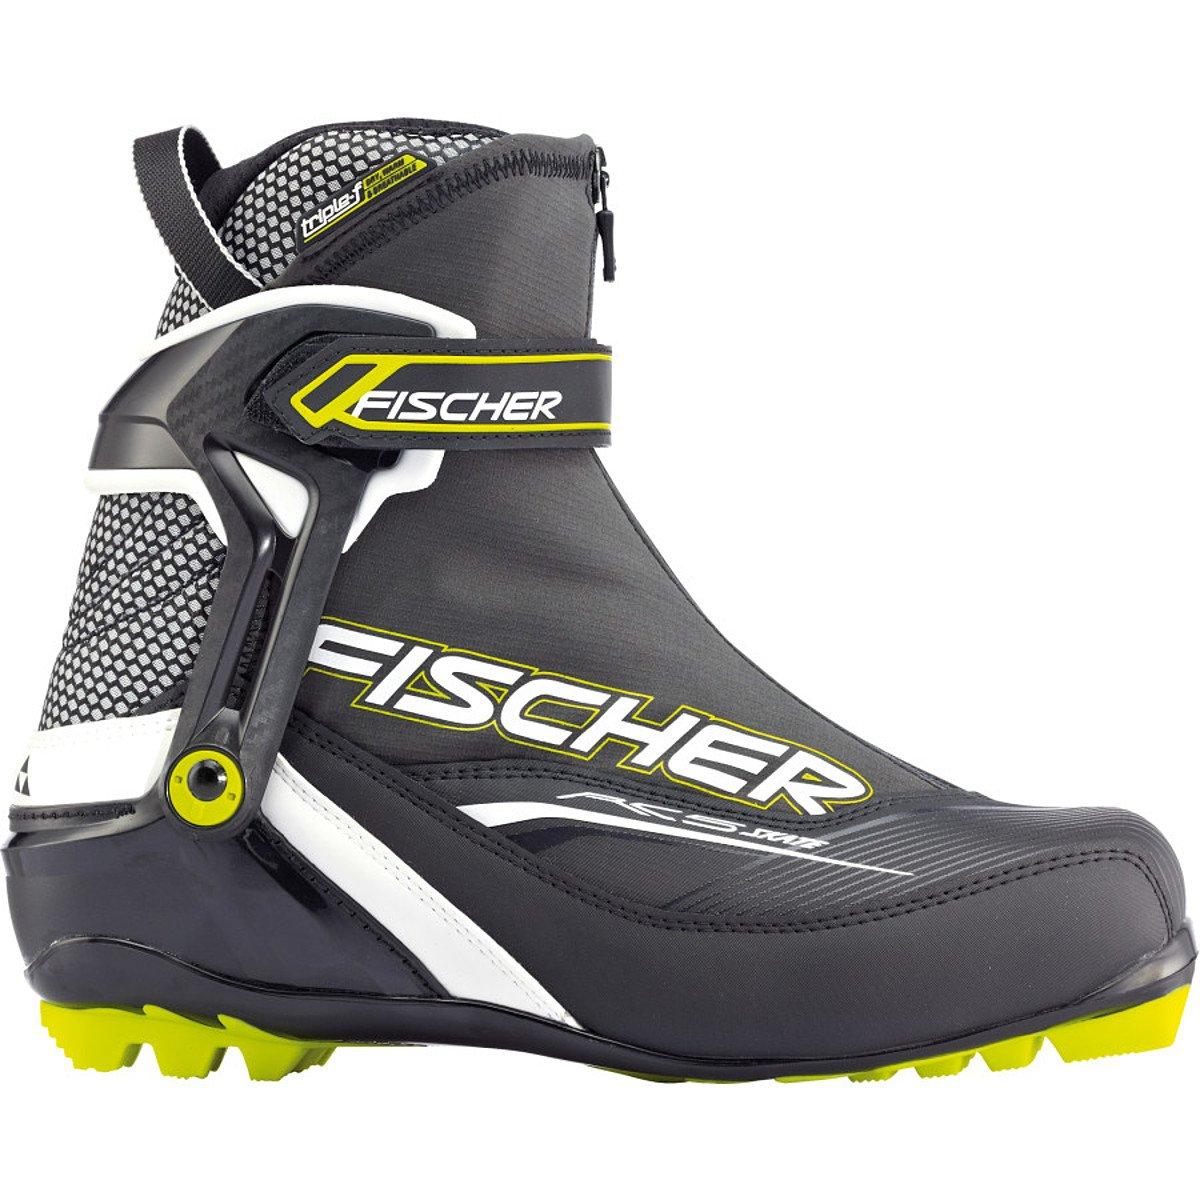 Fischer RC5 Skating Langlaufschuhe